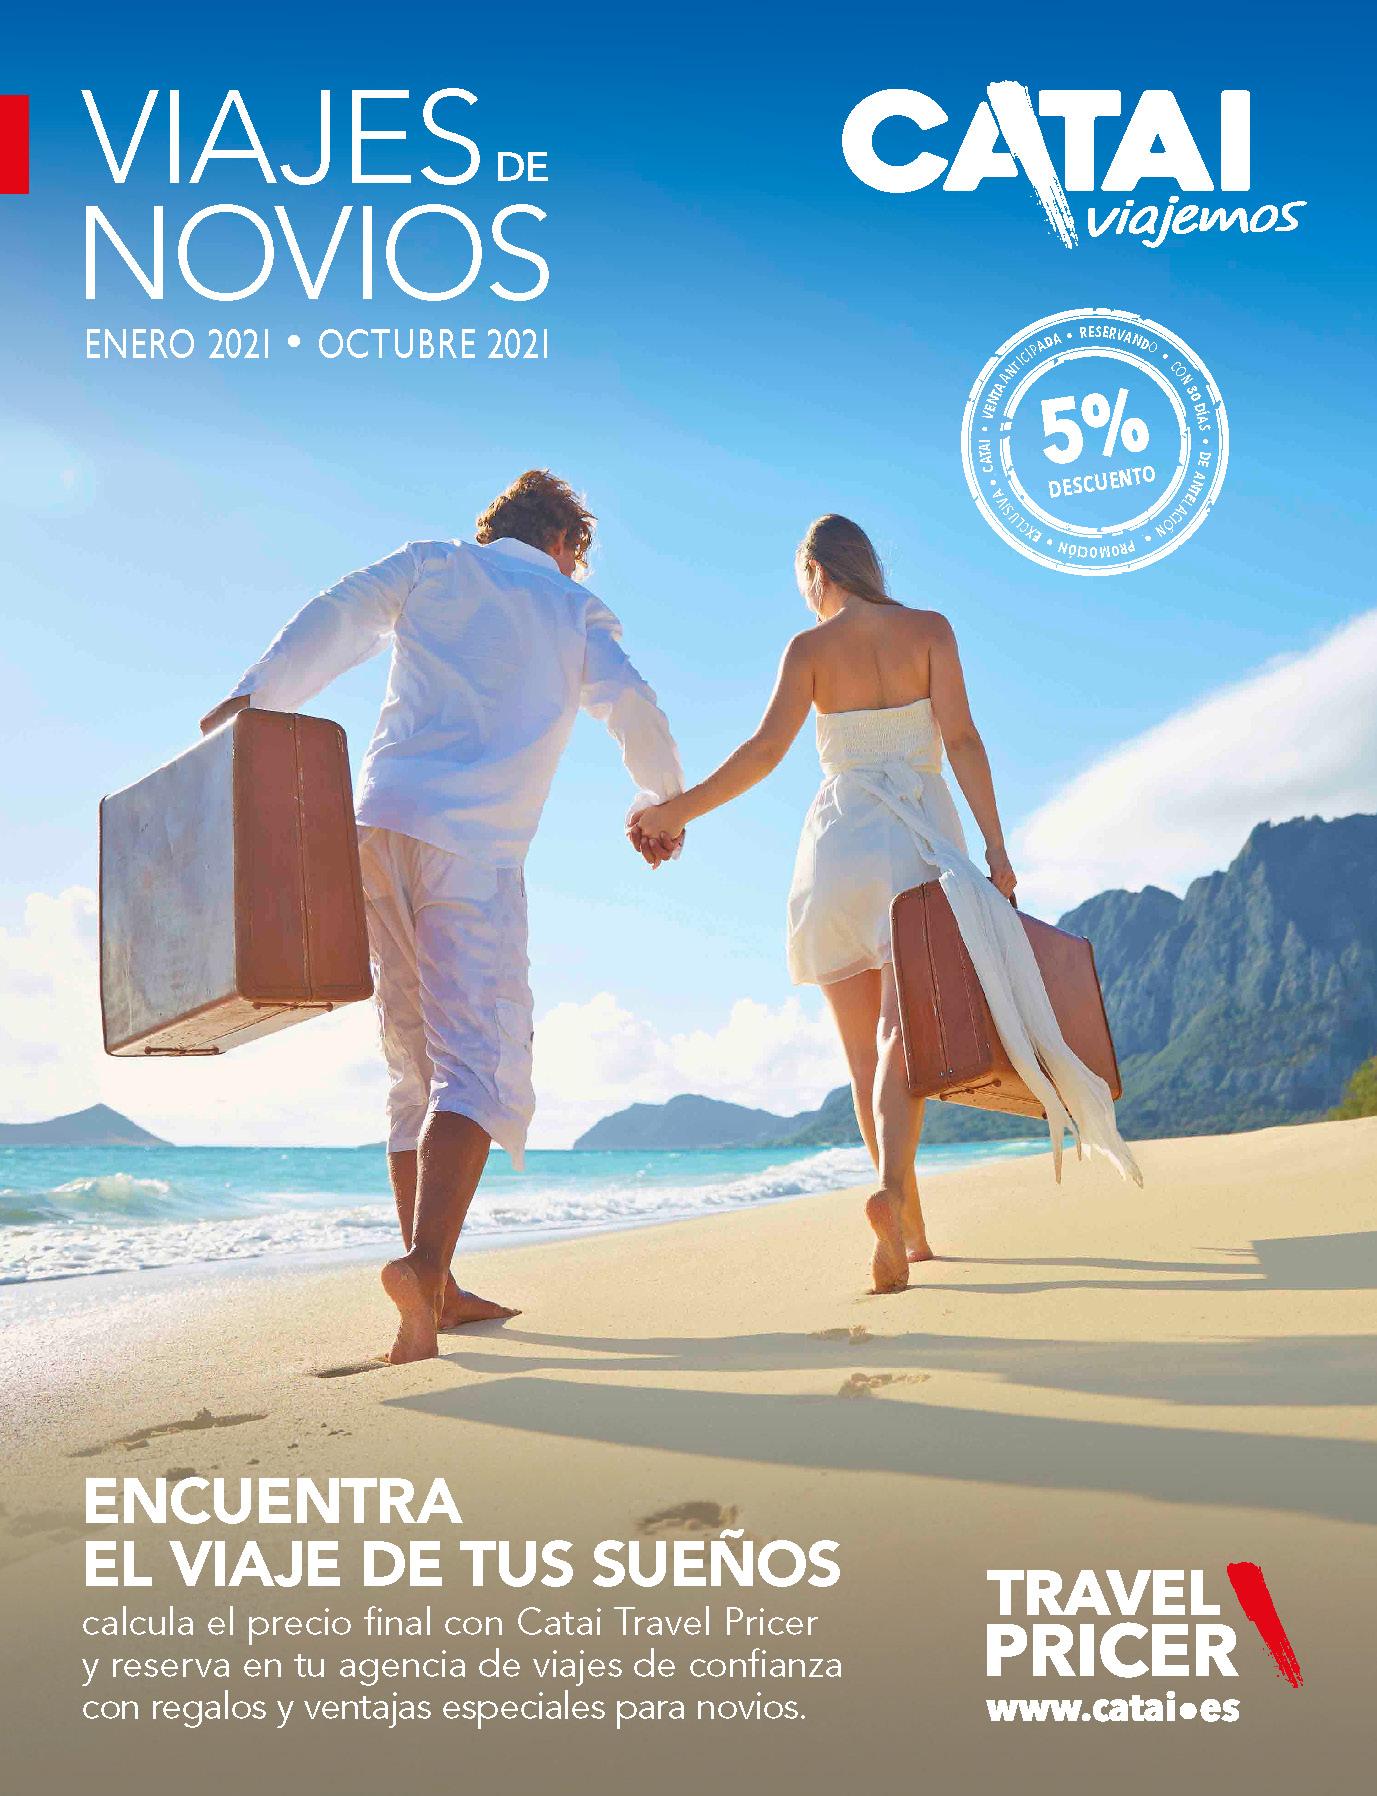 Catalogo Catai Viajes de Novios 2021